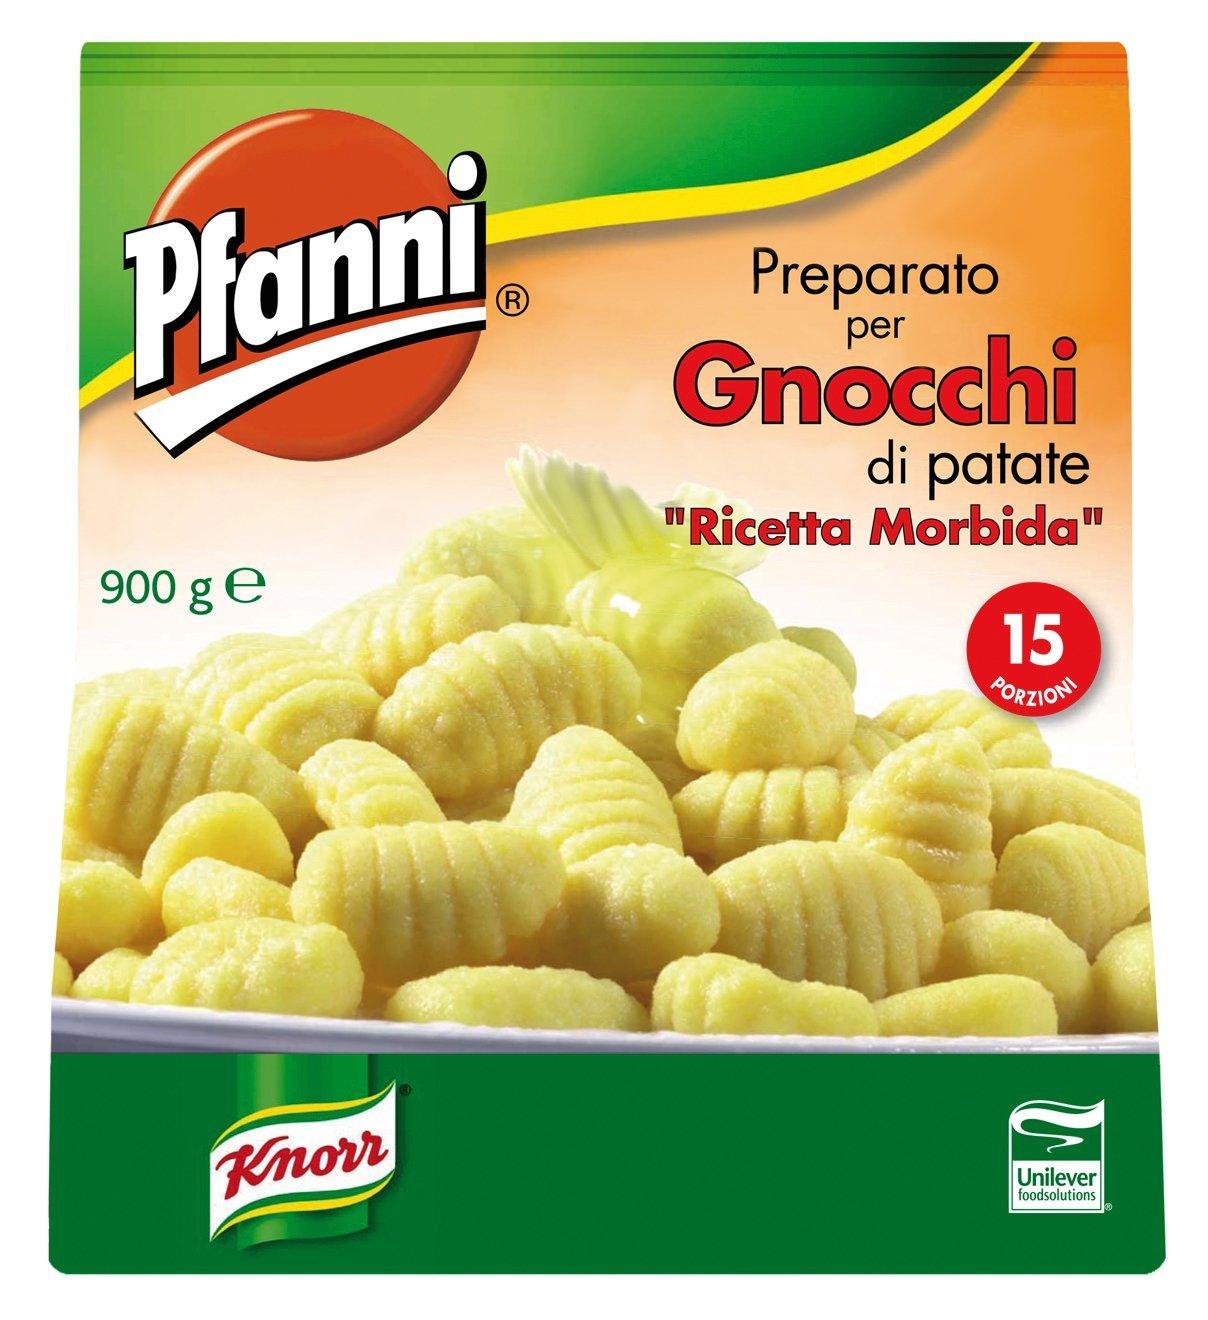 Pfanni Preparato per Gnocchi di patate Ricetta morbida 900 Gr -